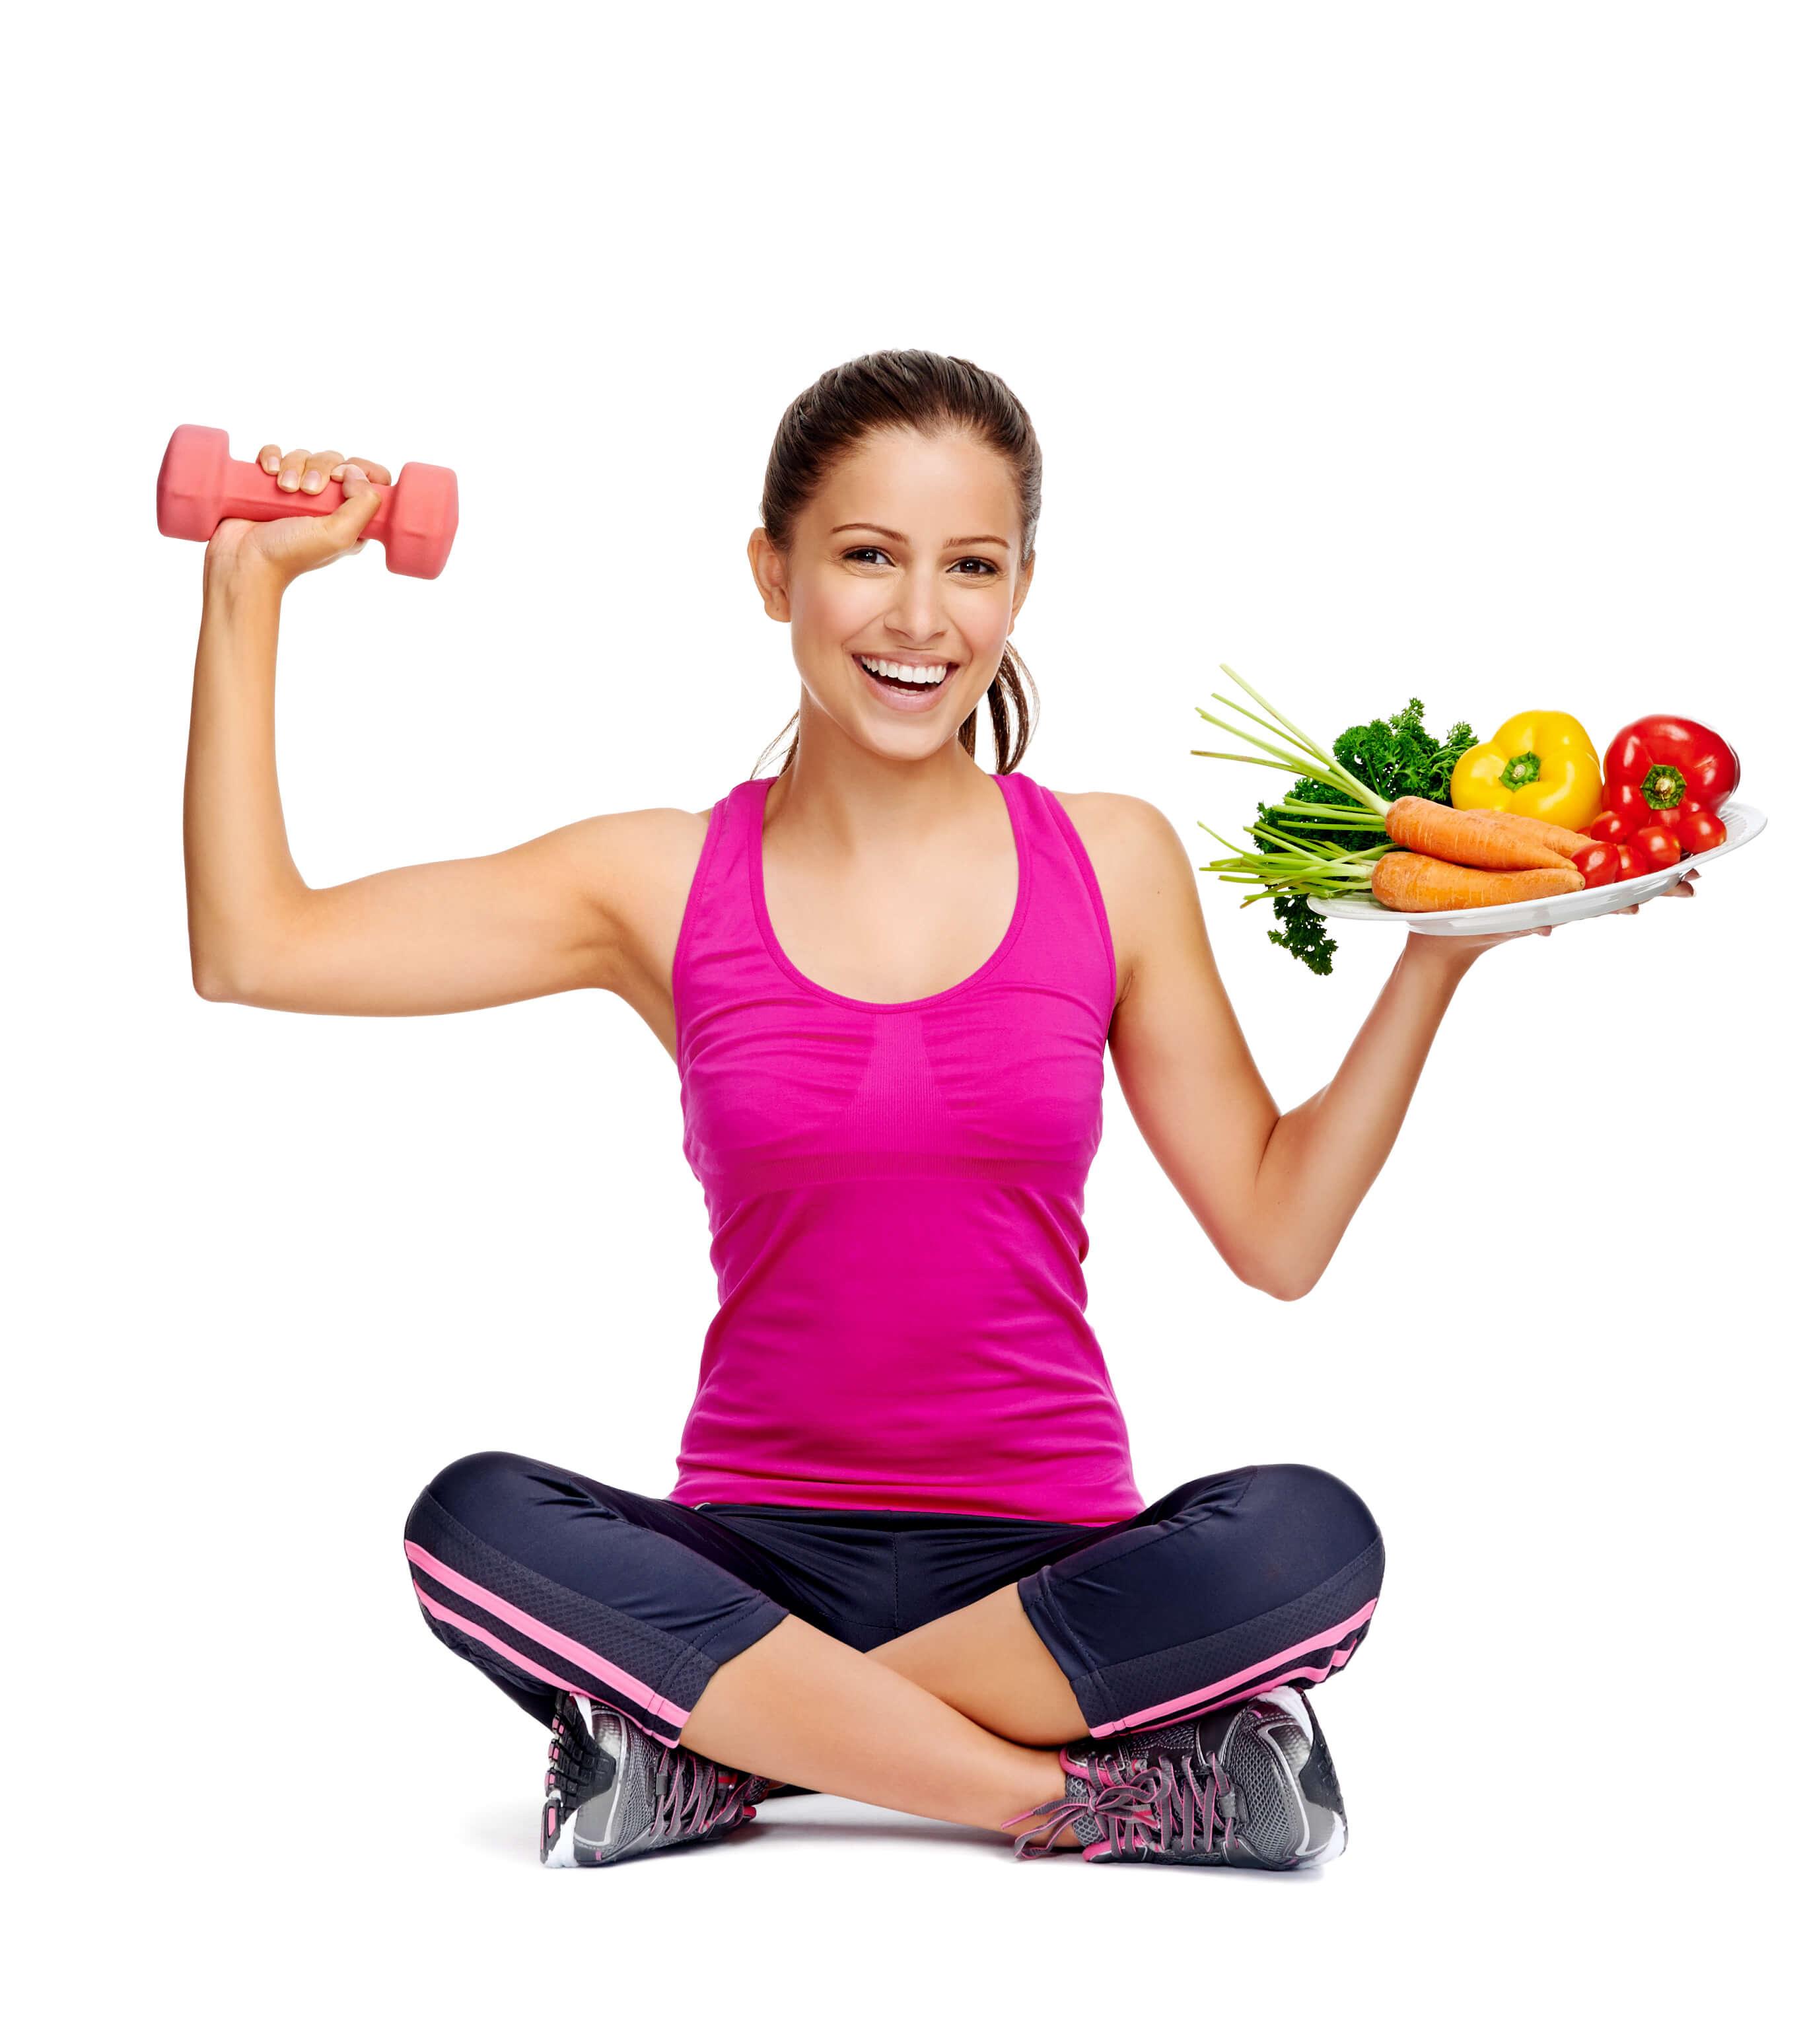 Z:\619-20181103\Final\B Section\B22-26 health\Healthy-body-healthy-food.jpg